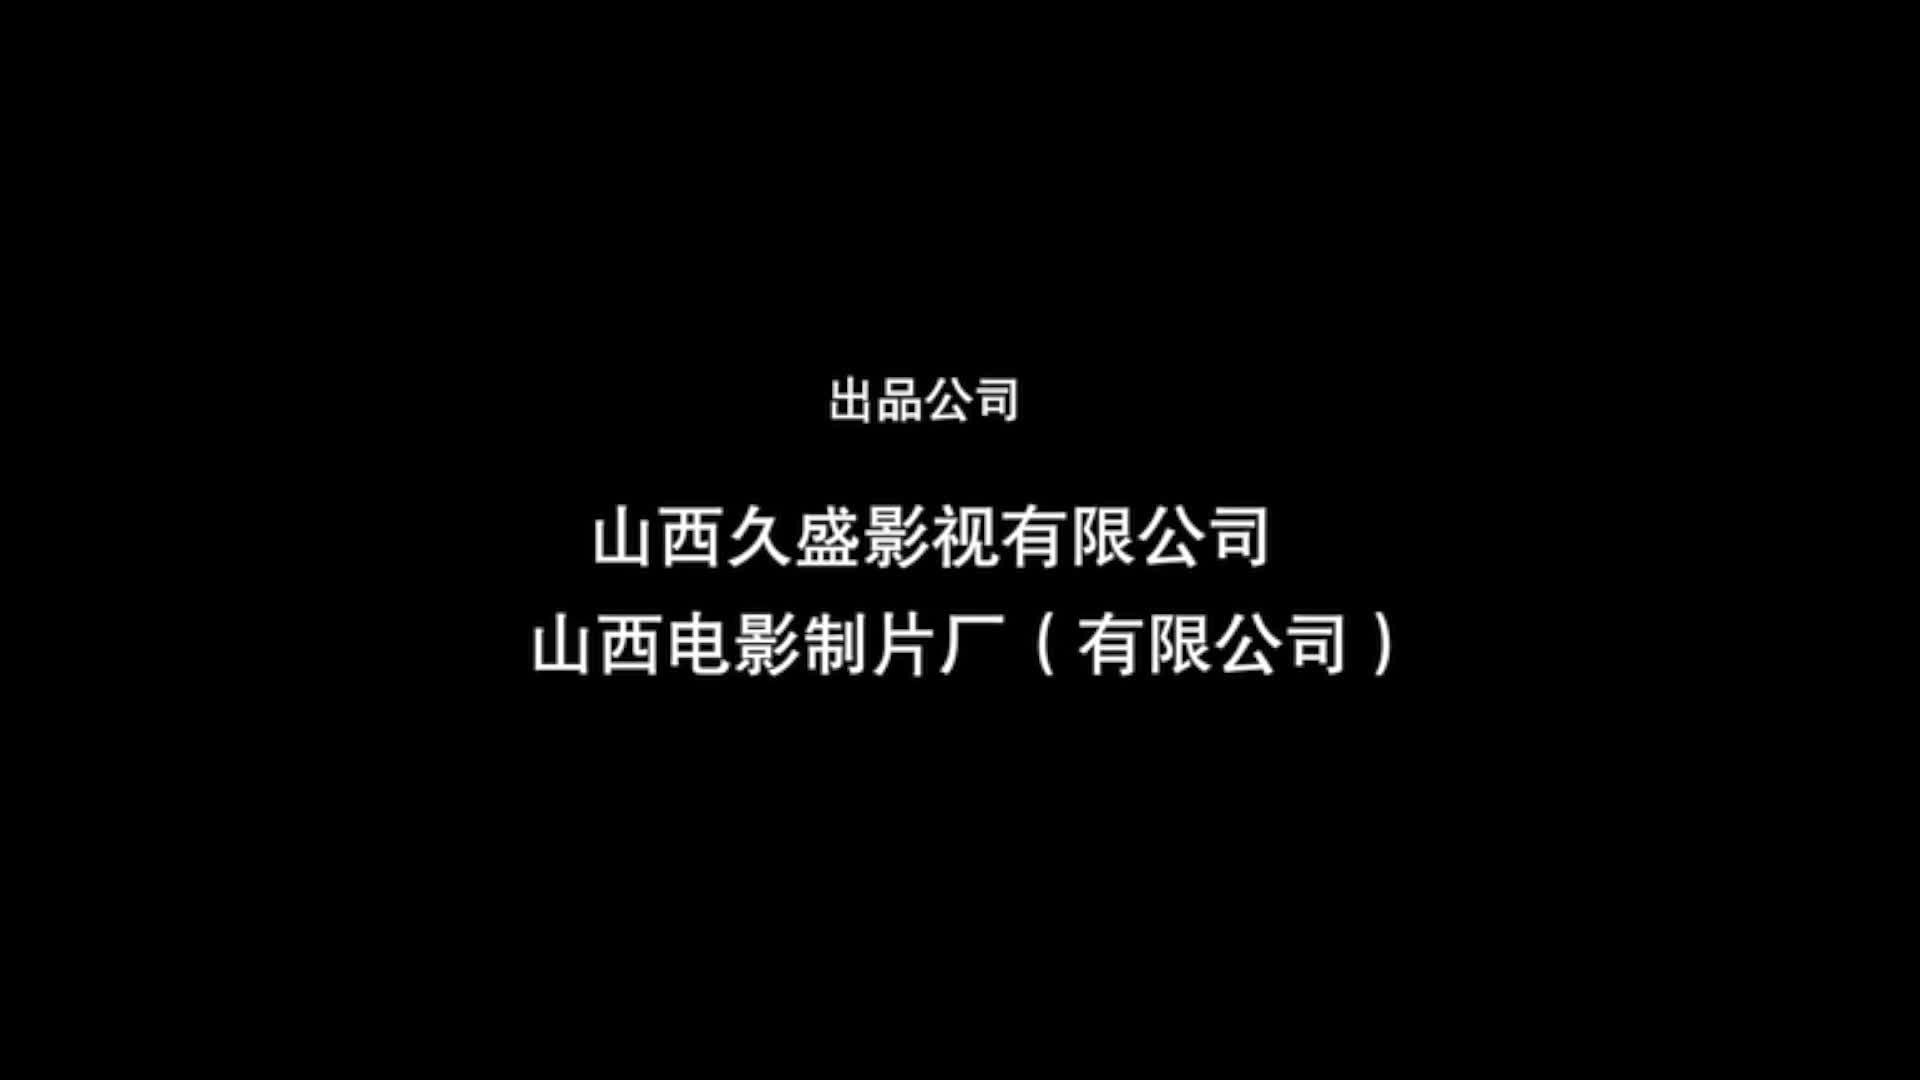 《红色往事》预告片